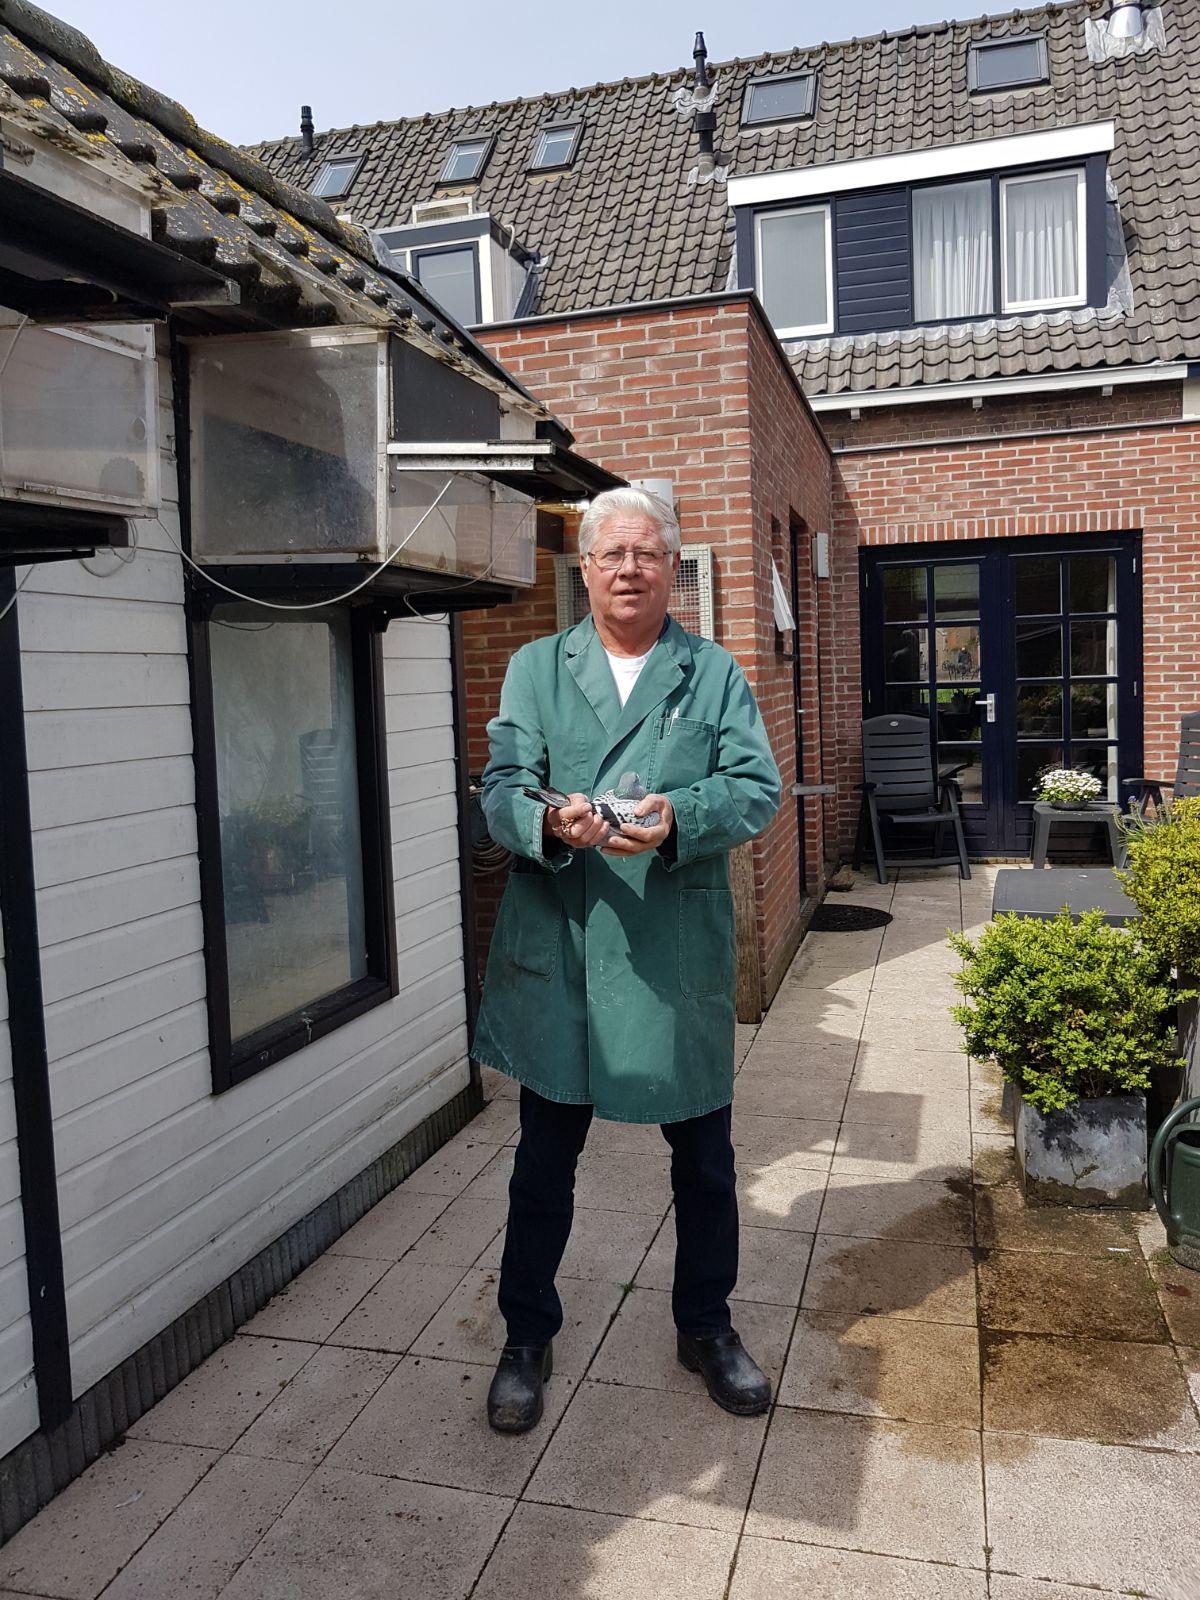 Dirk Wijnekes